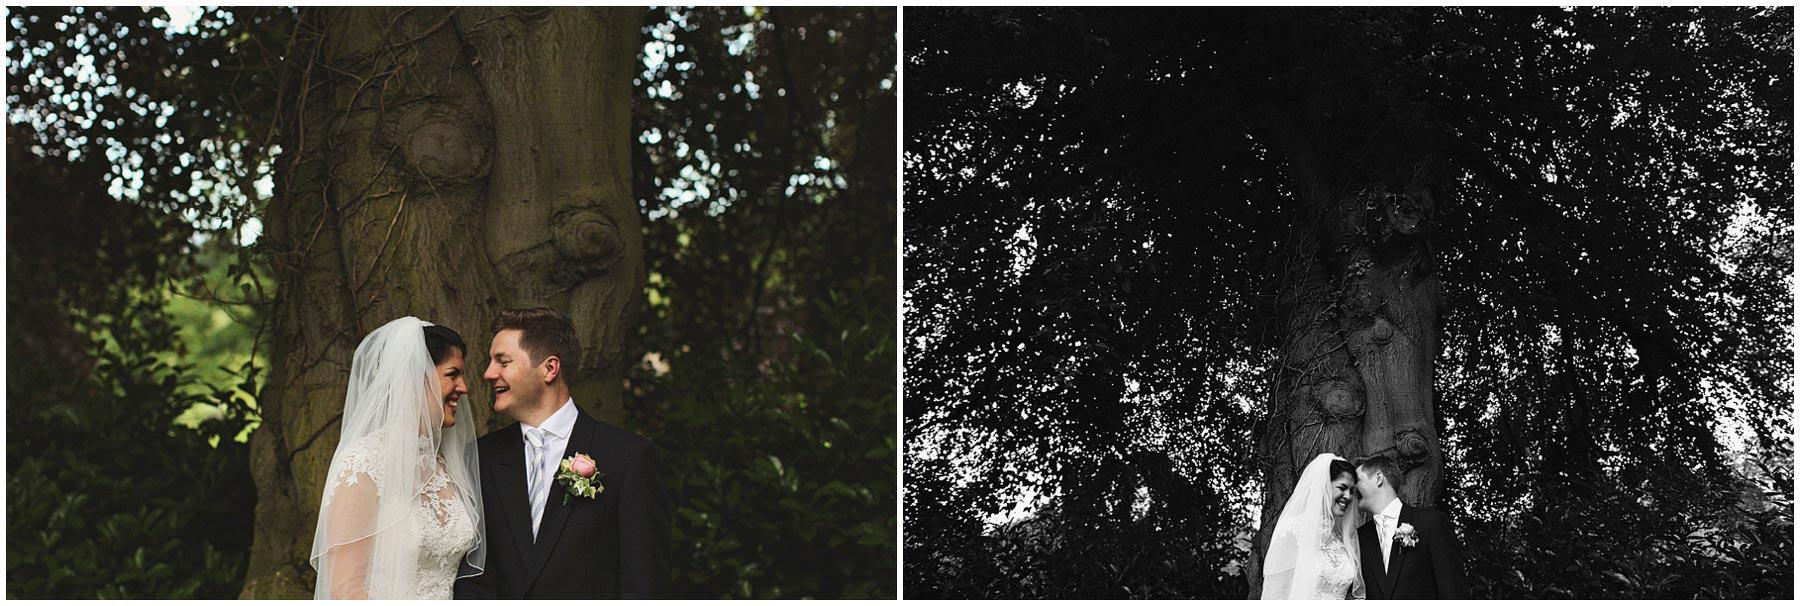 Wentbridge-House-Wedding-Photography-124